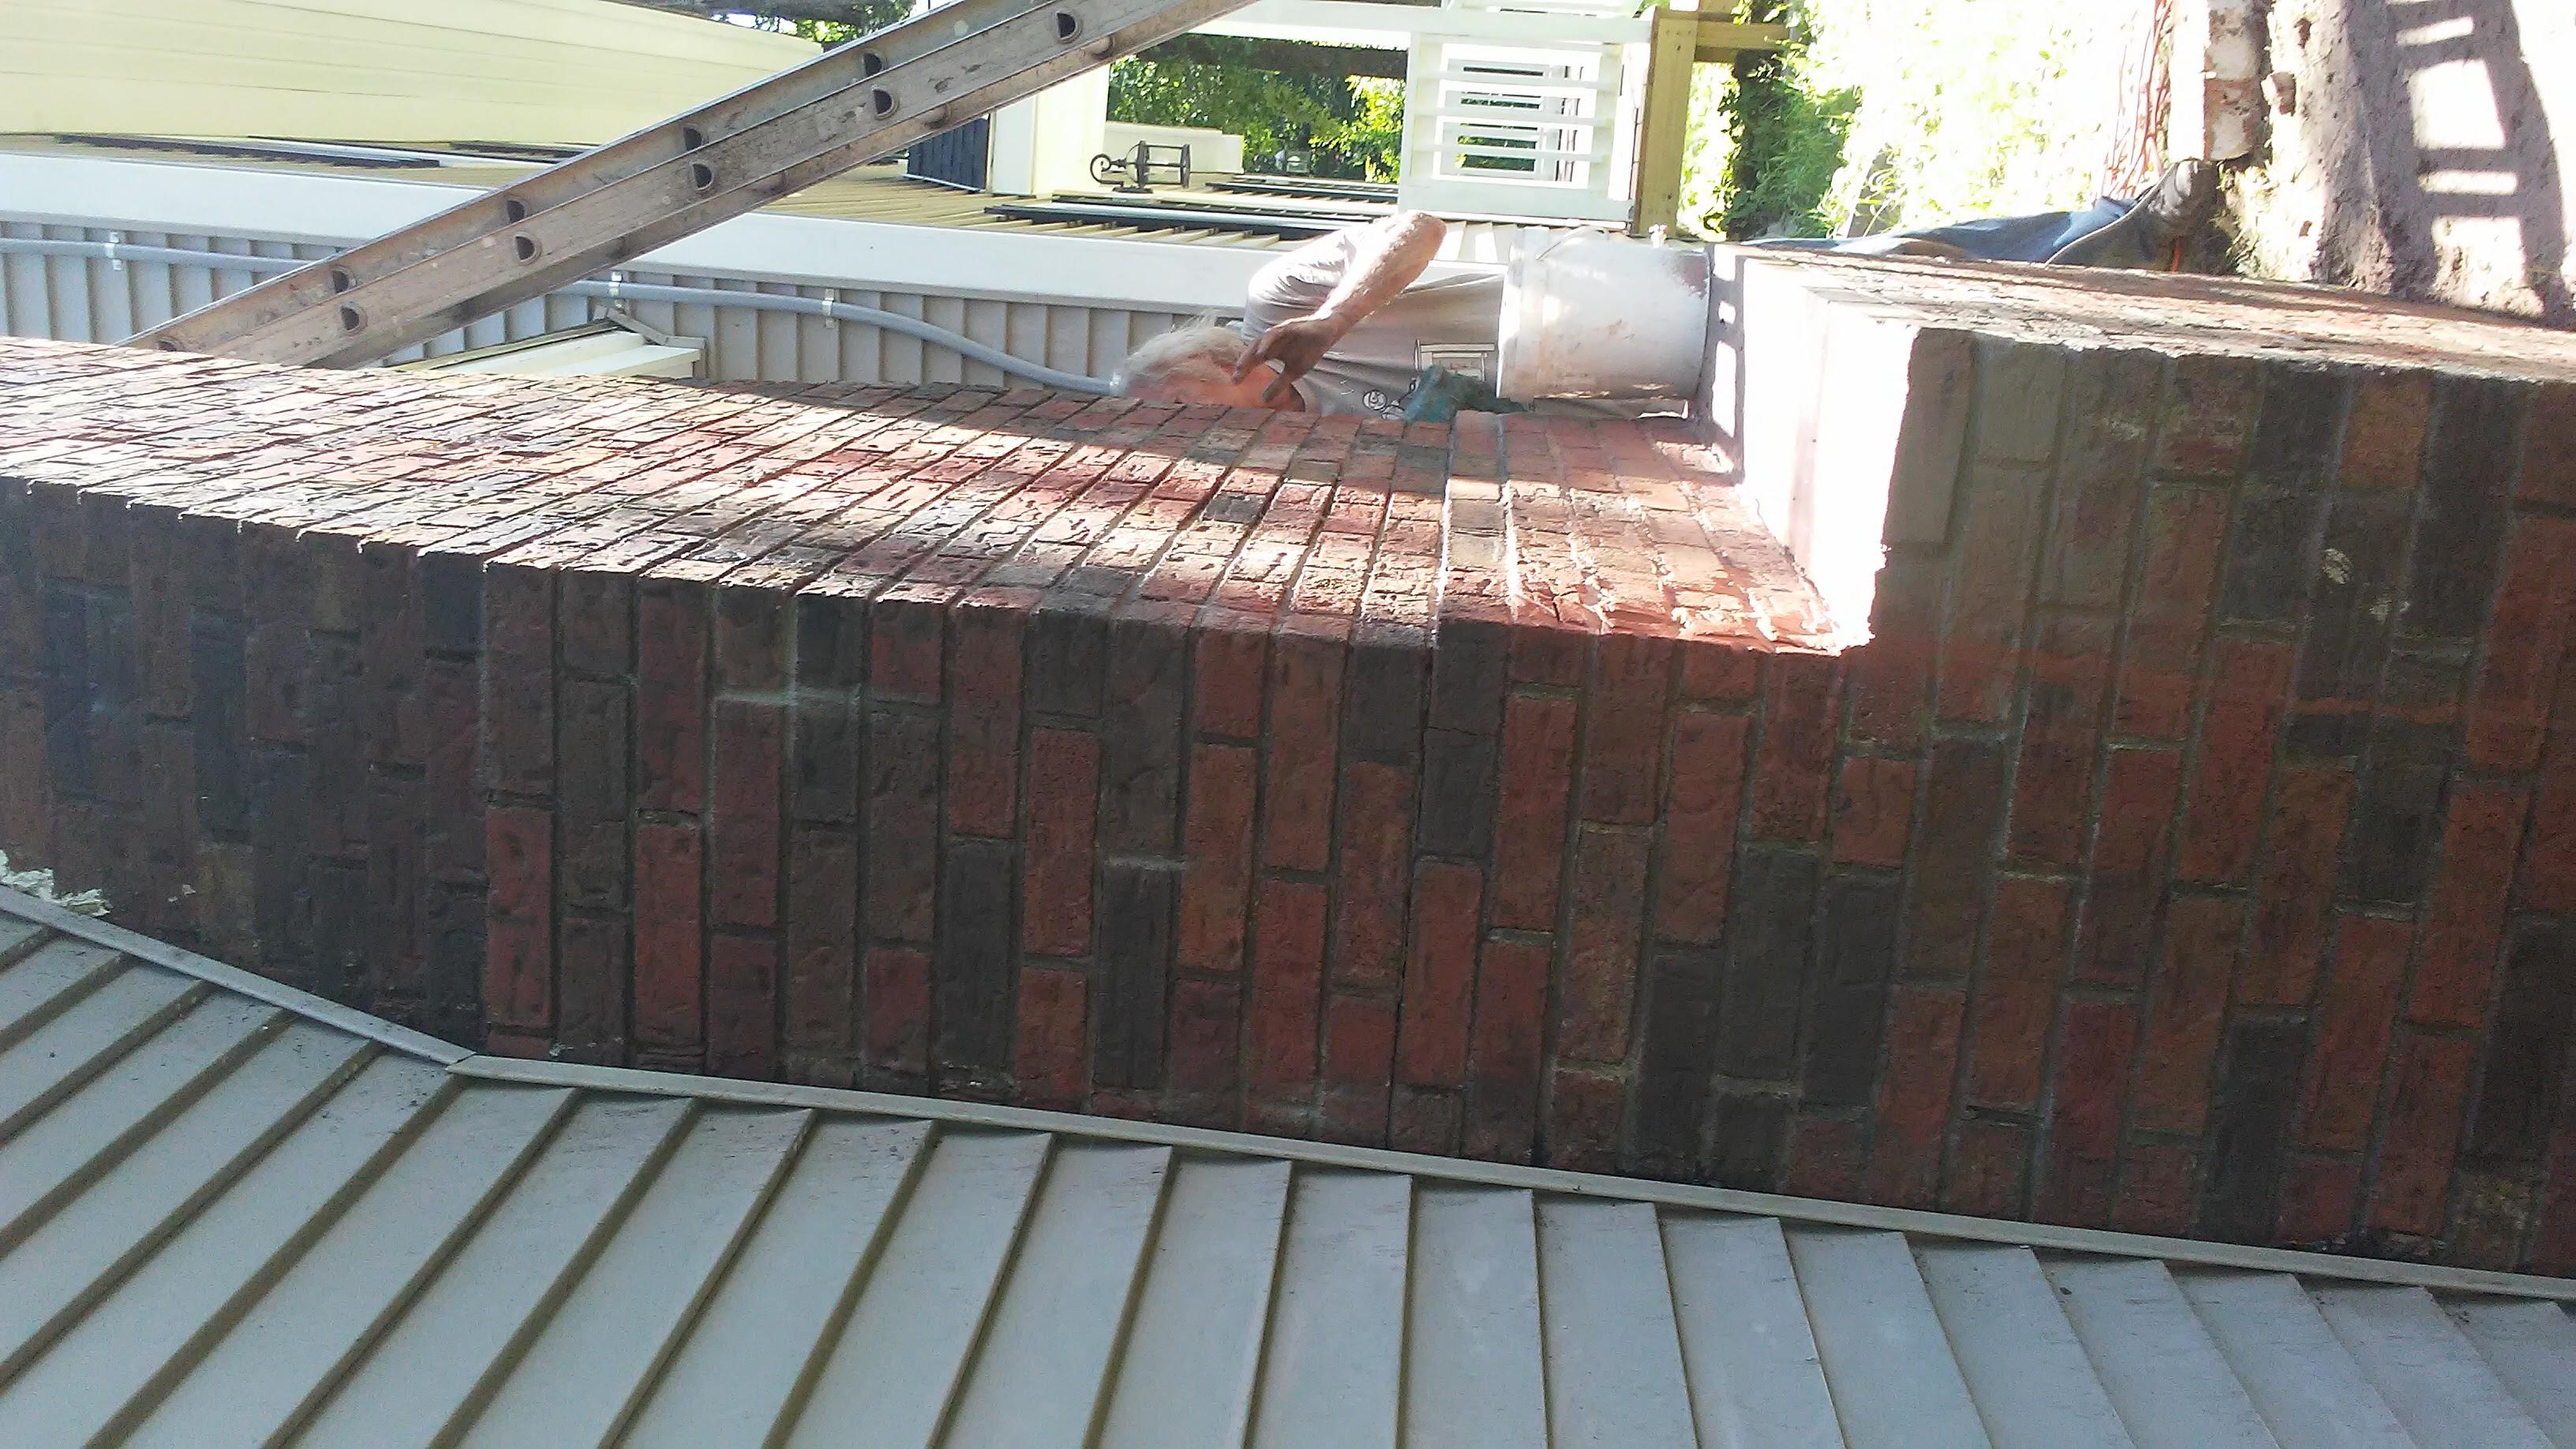 Chimney Inspections Mysite